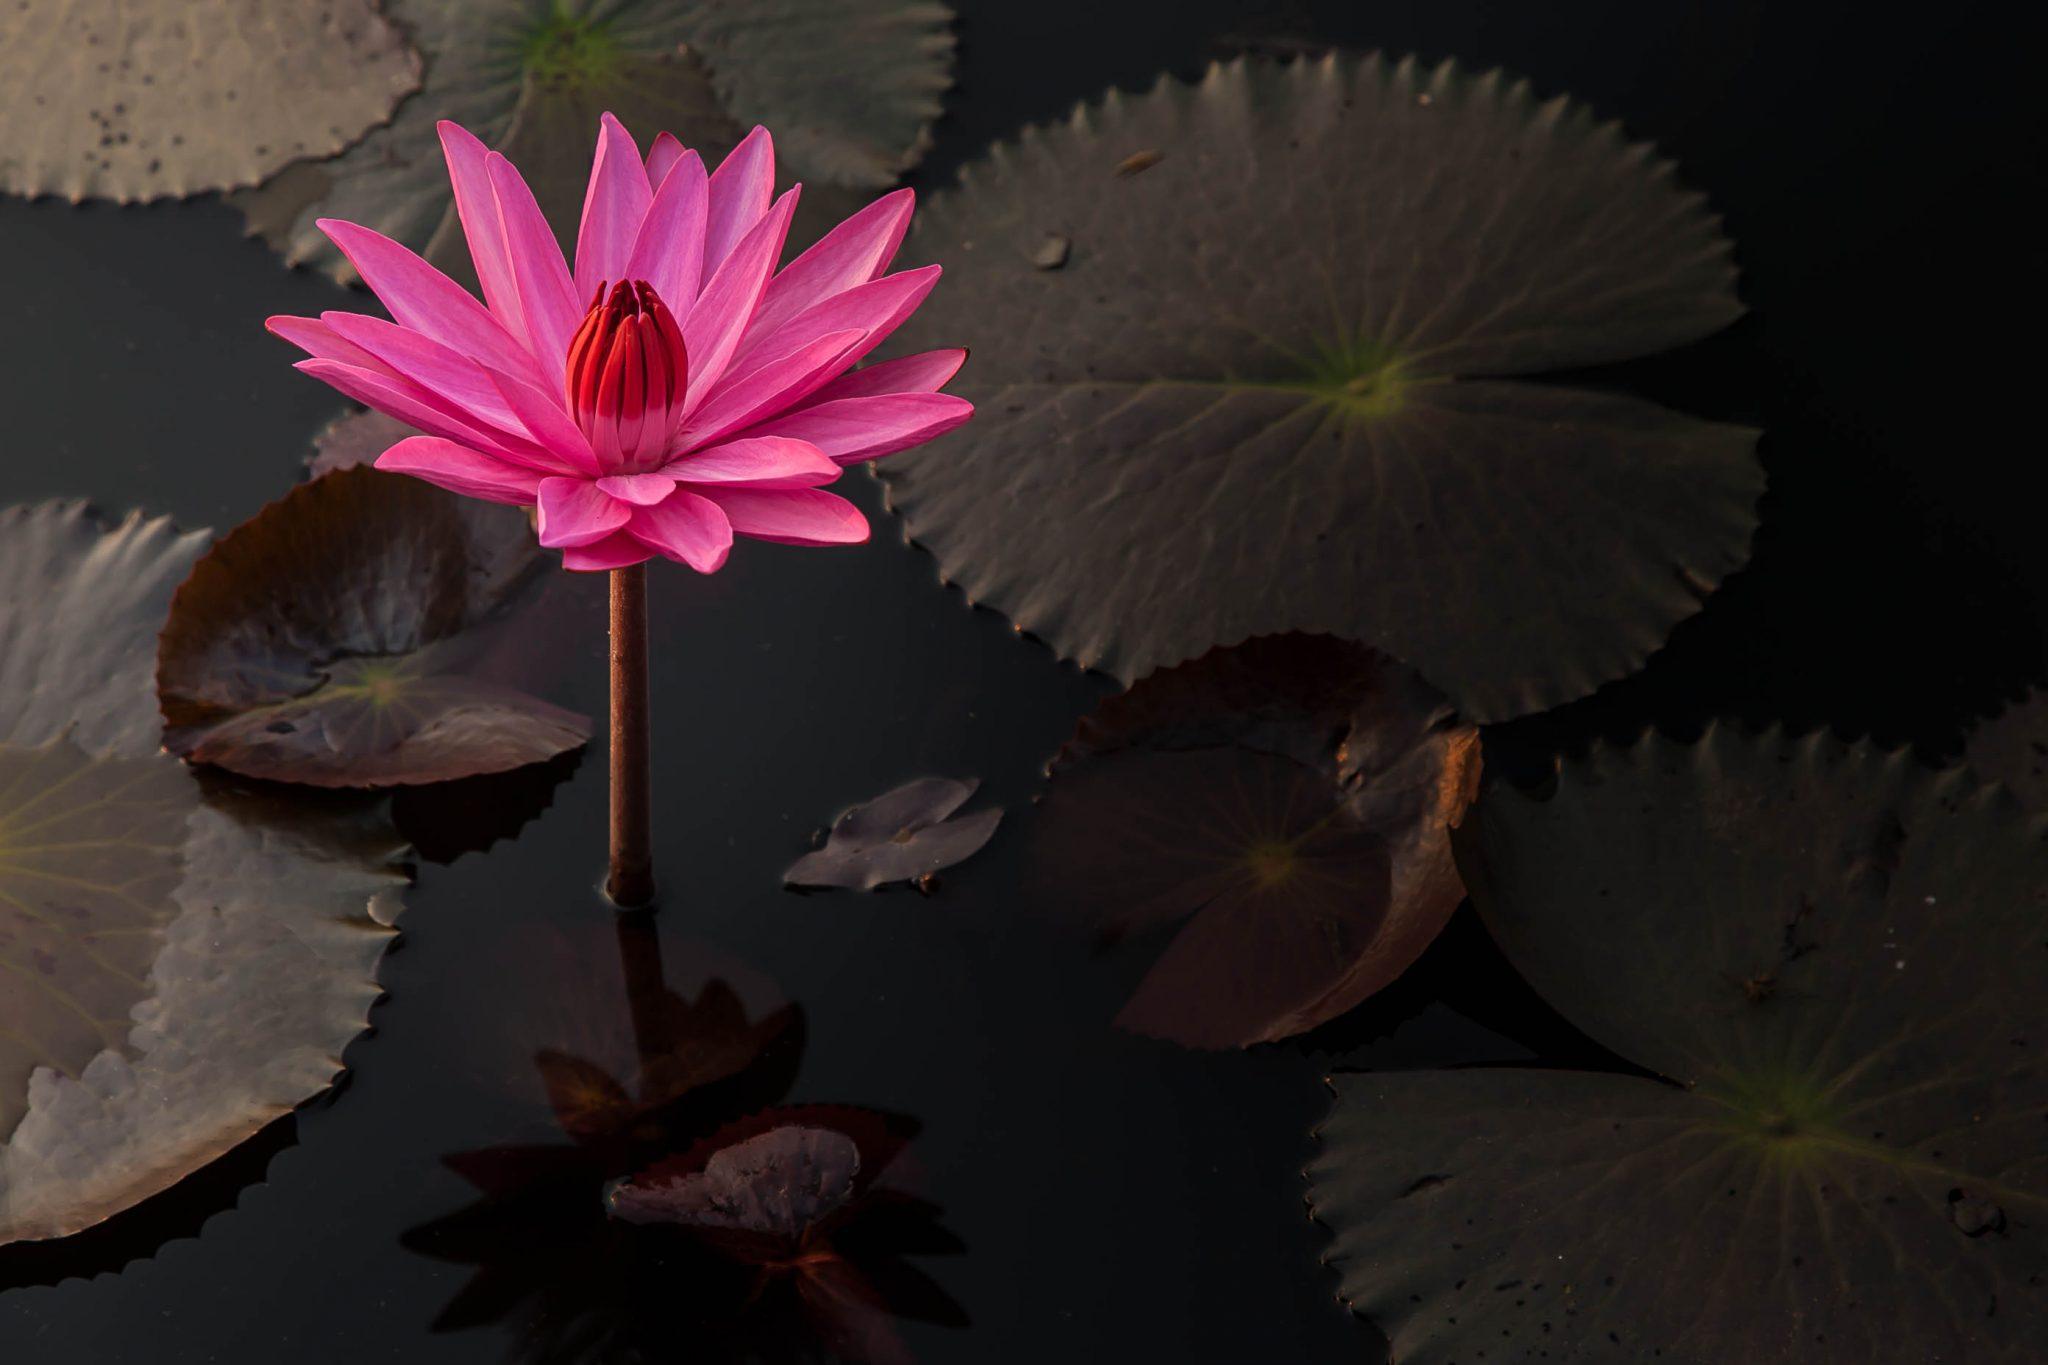 Lotus Flower, Angkor Wat, Cambodia